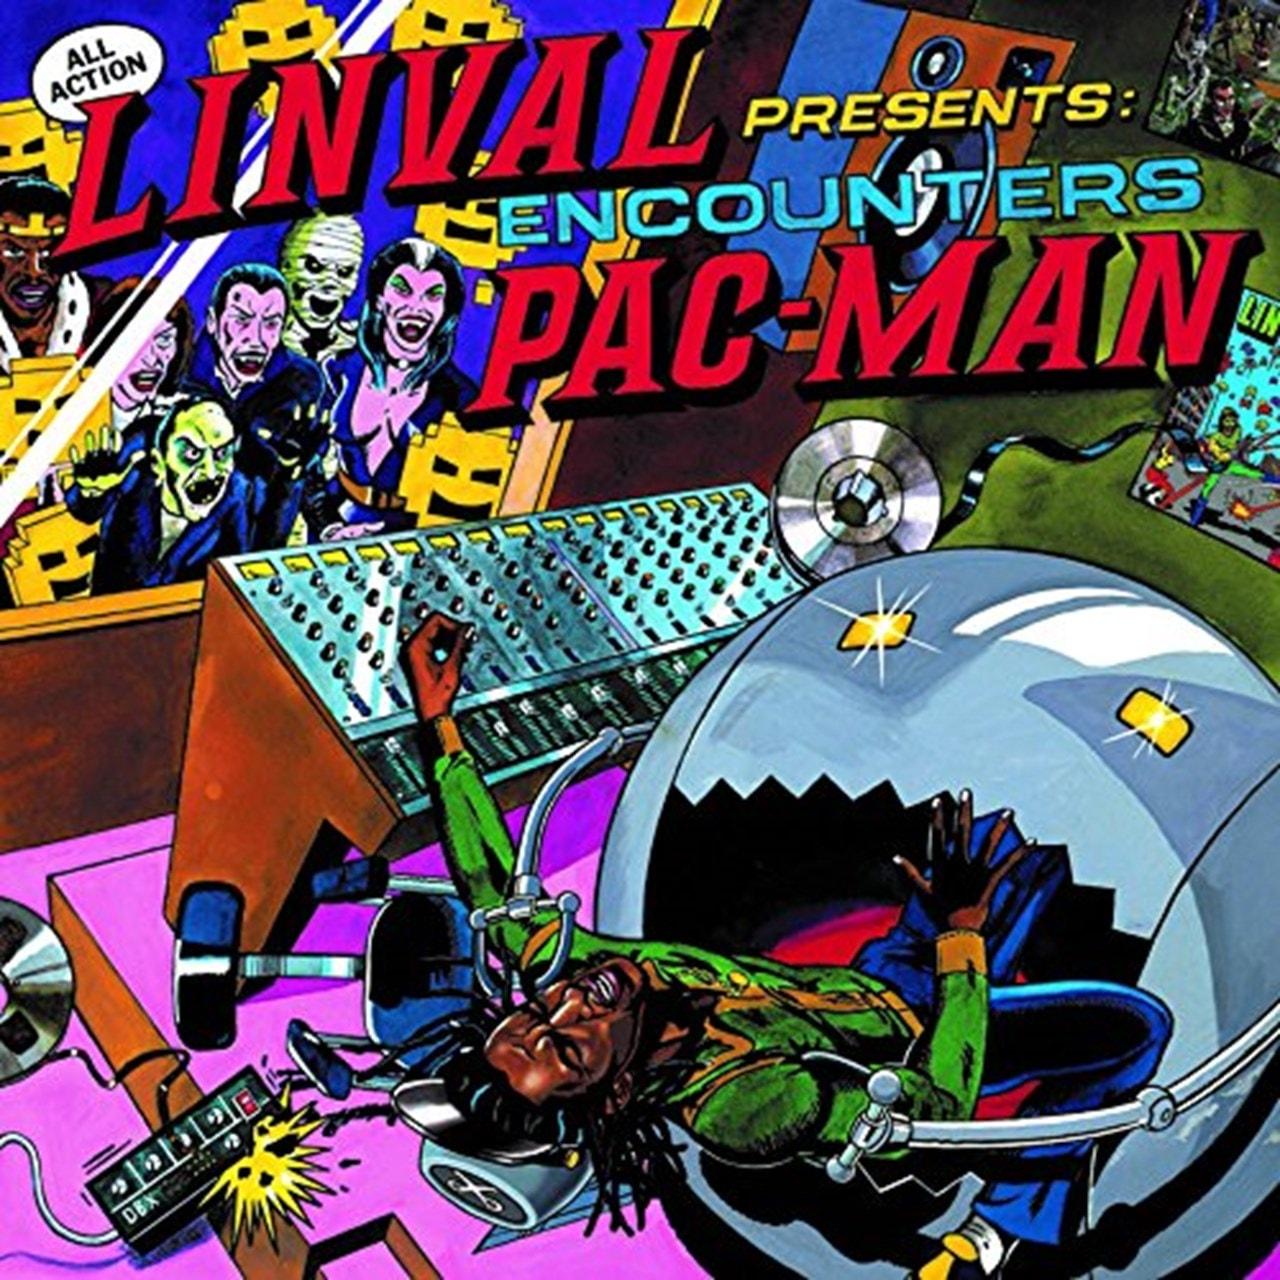 Encounters Pac-Man - 1